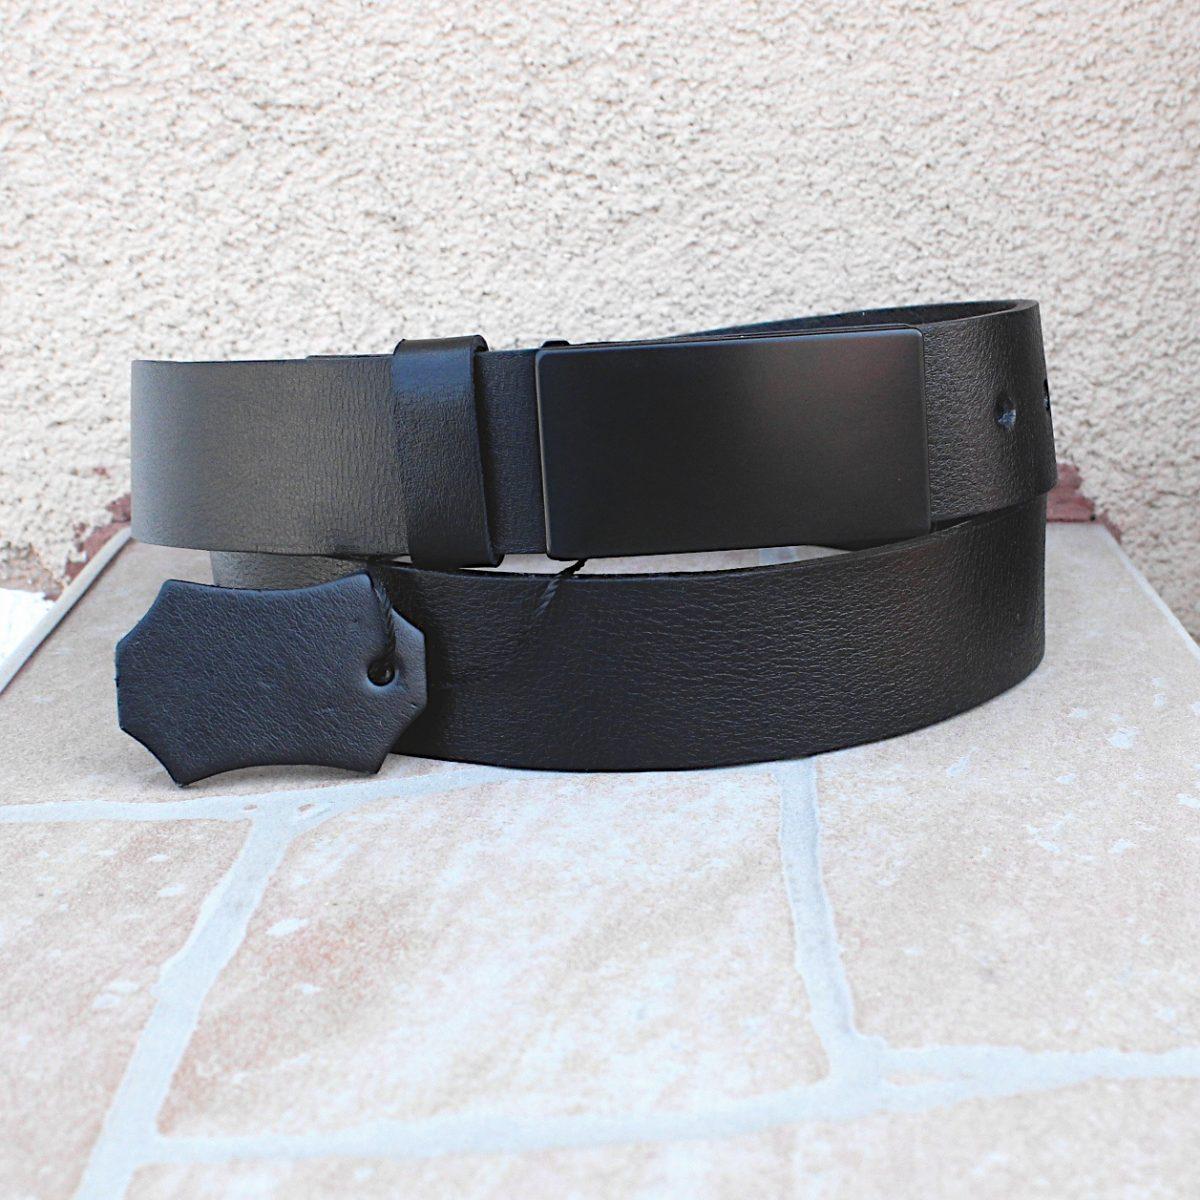 официален черен мъжки колан от естествена кожа 5333 цветна